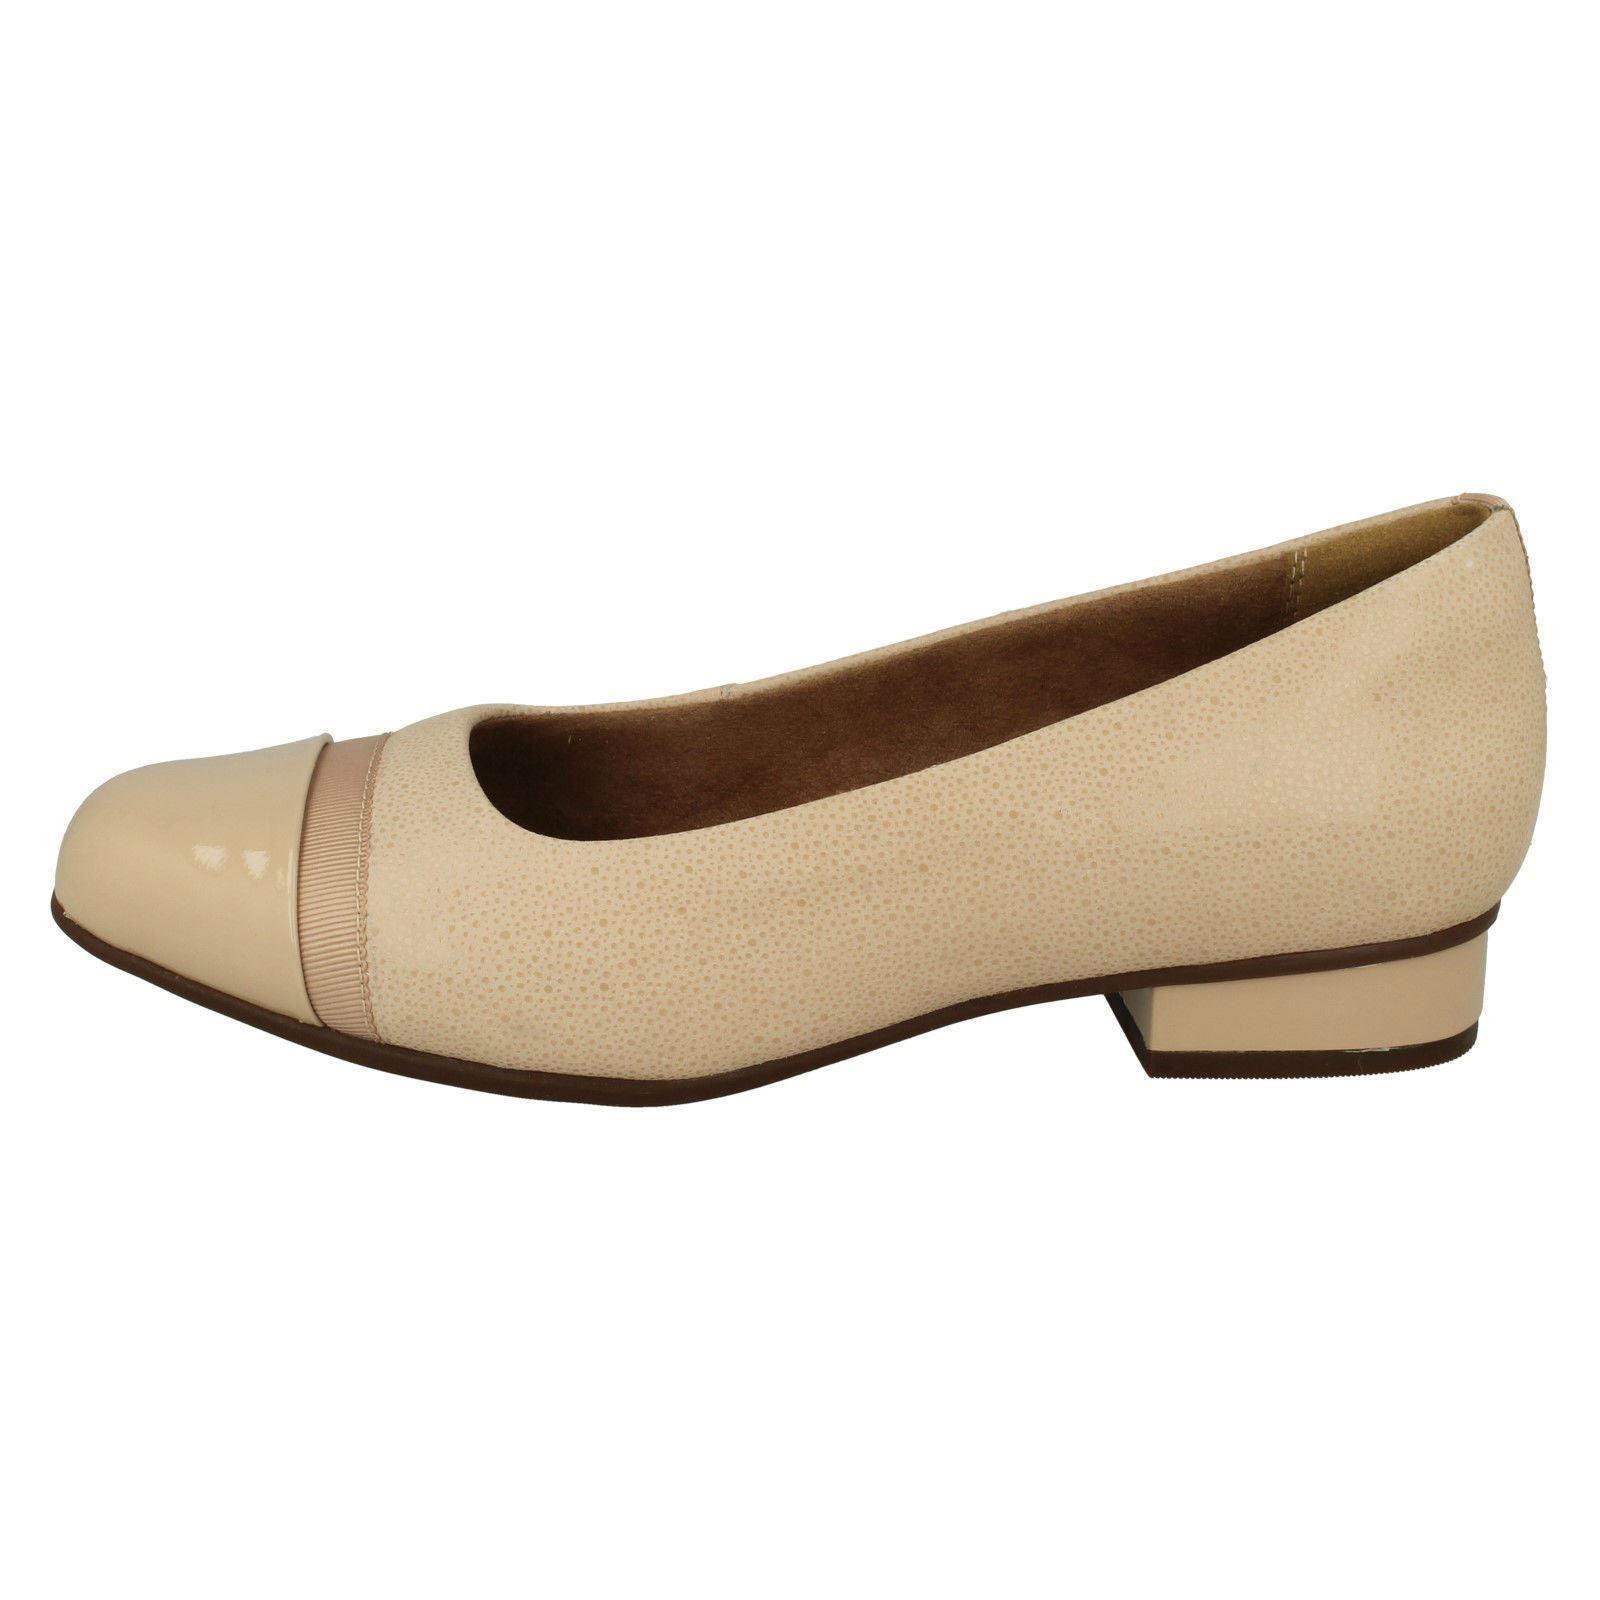 Damen-Clarks-Slipper-Leder-Ballerina-Stil-Flache-Keesha-Rosa Indexbild 39